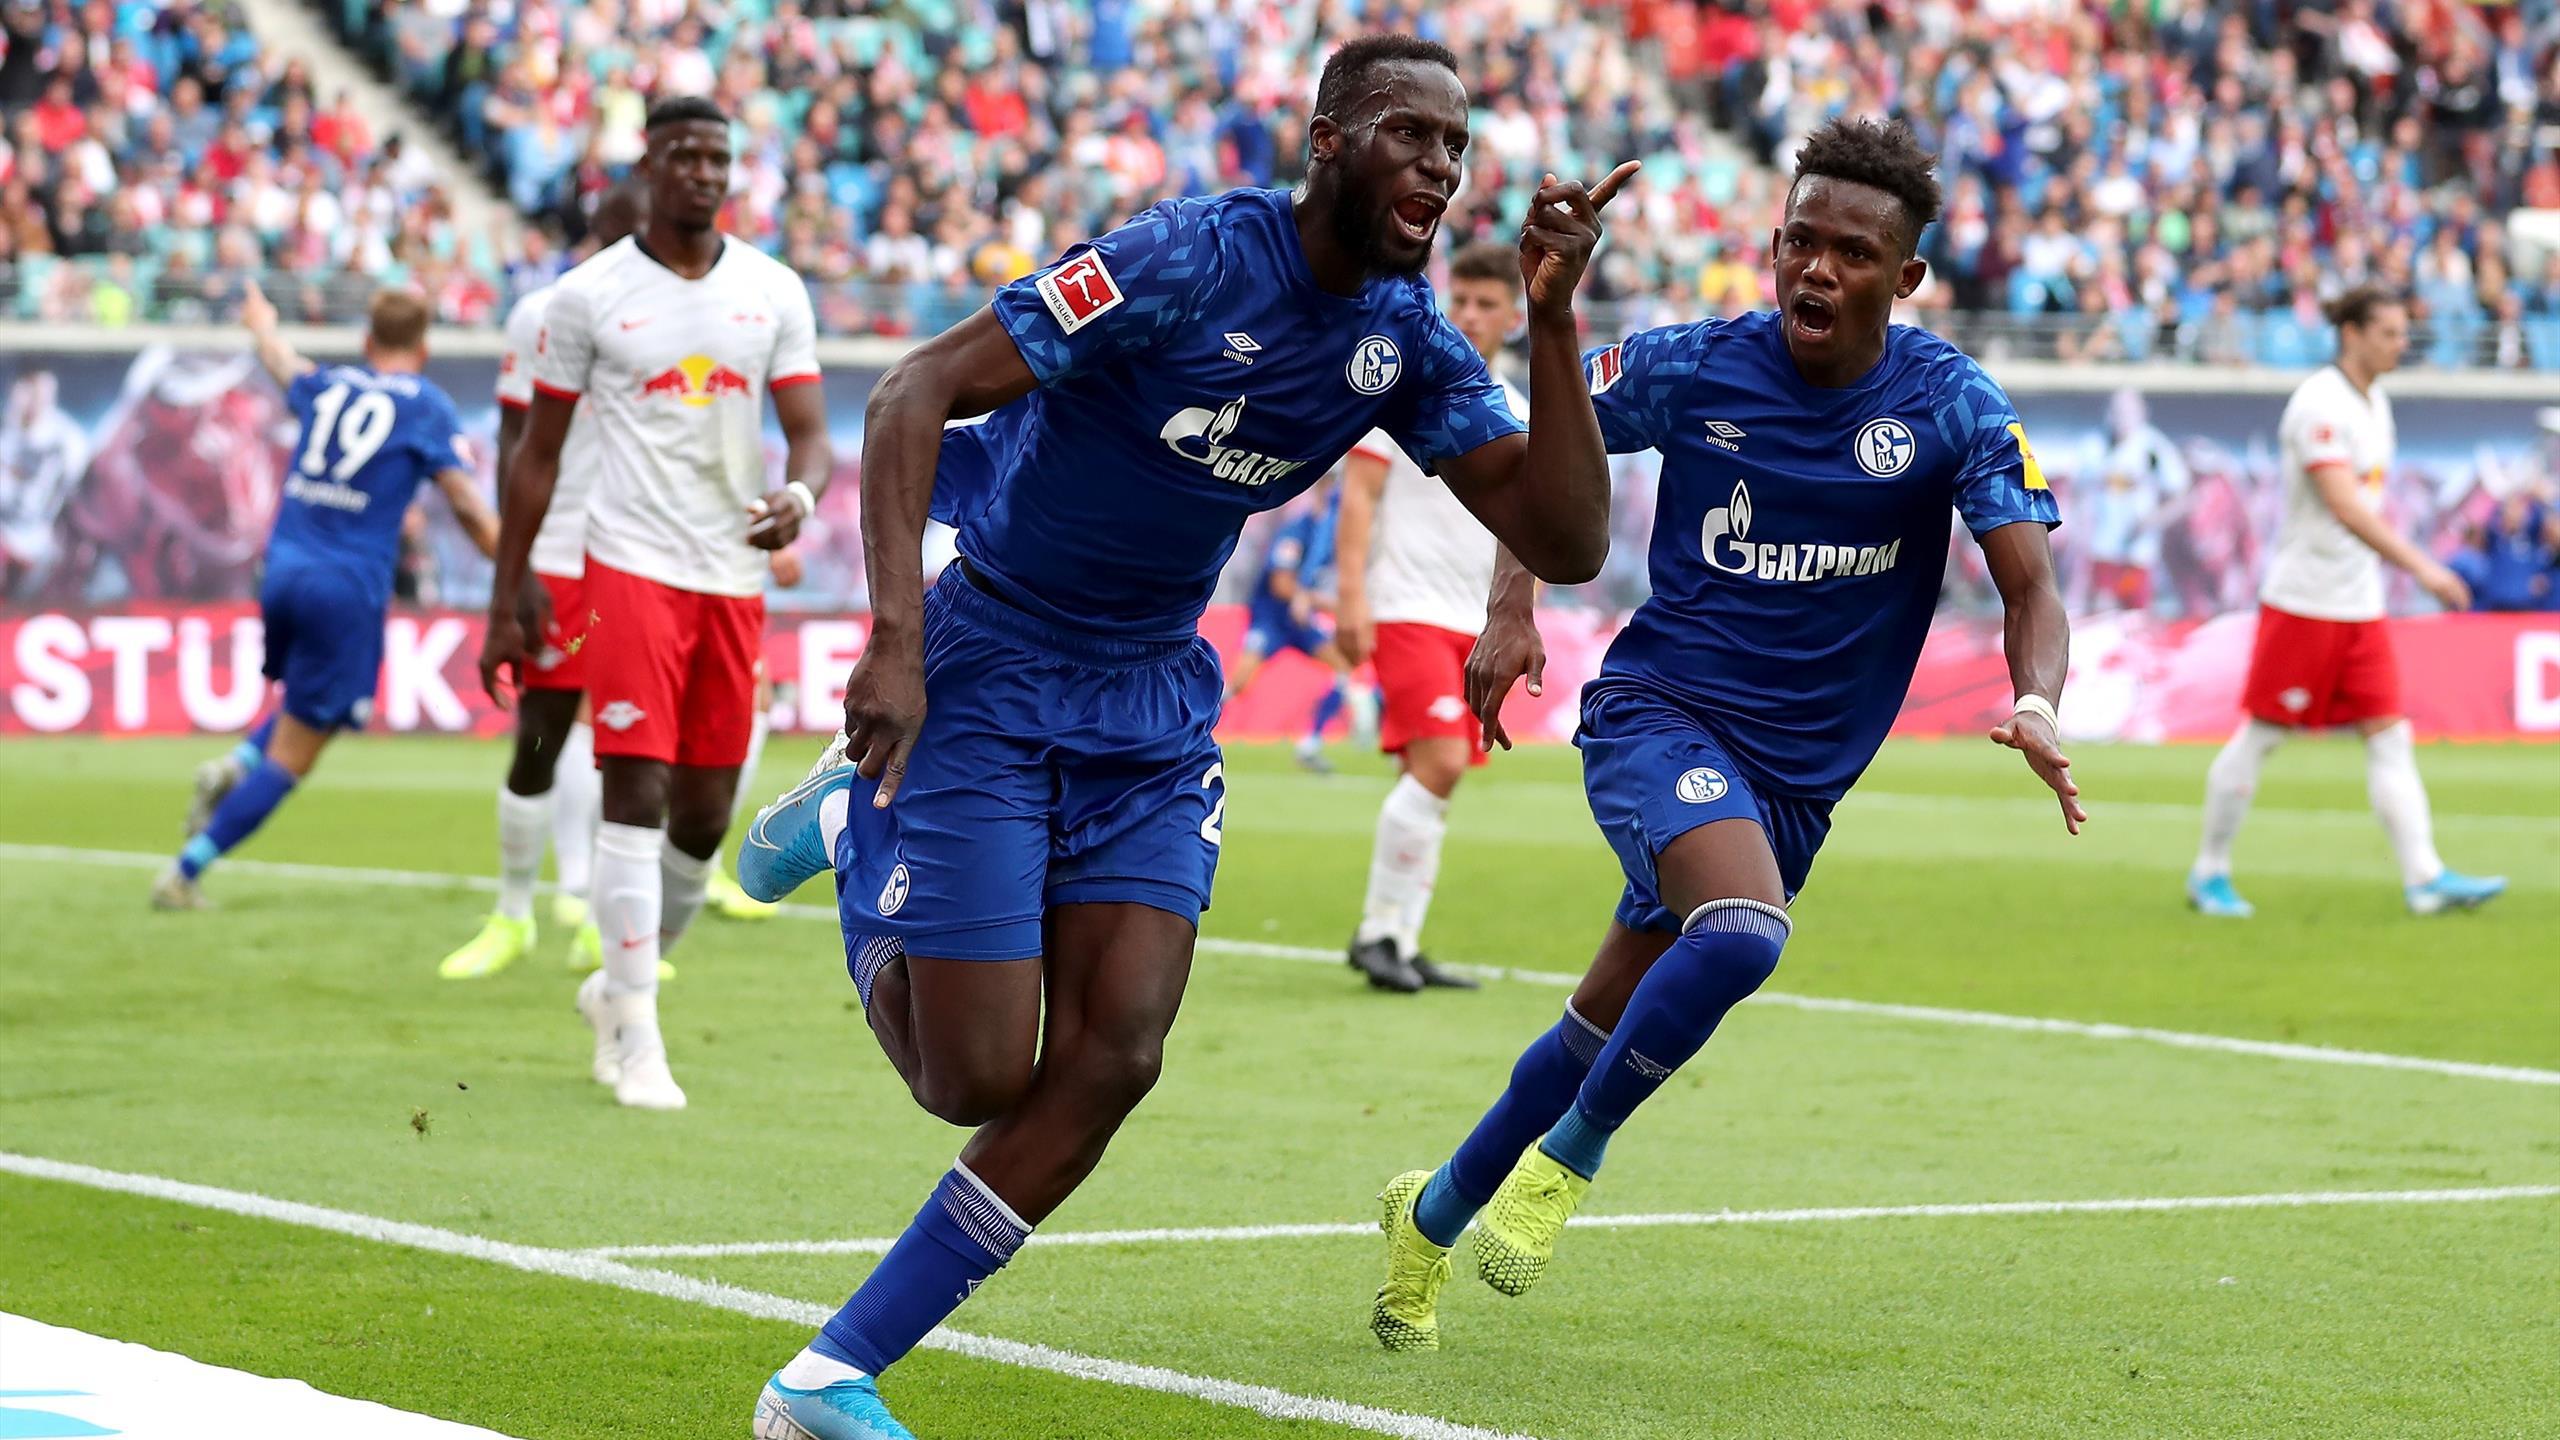 Transfergerüchte Schalke 04 Aktuell